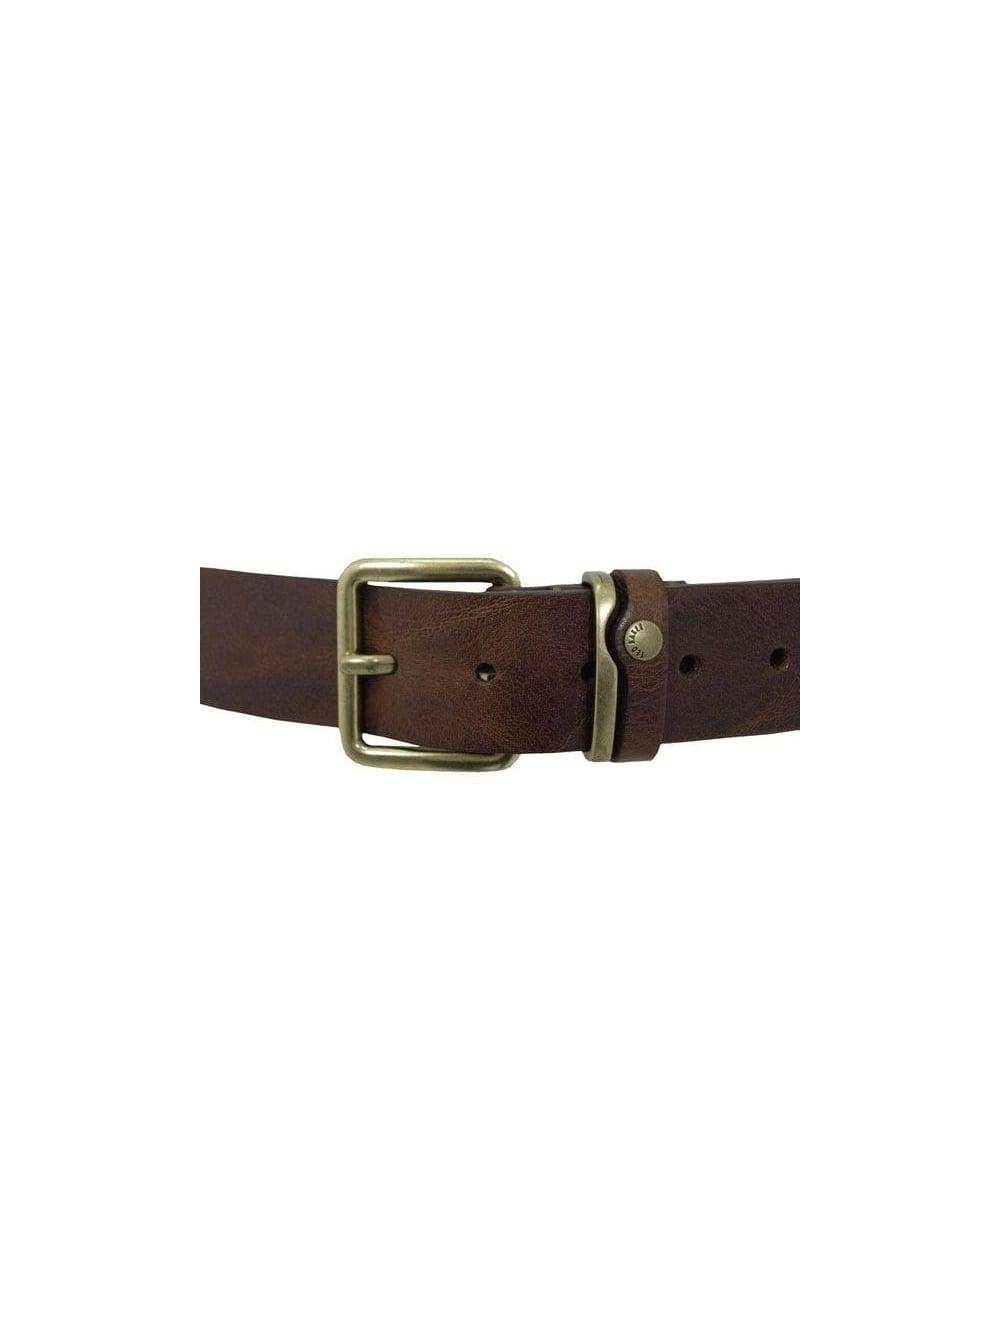 614df181d Ted Baker - Ted Baker Katchup Leather Belt - Tan - Ted Baker Belts ...